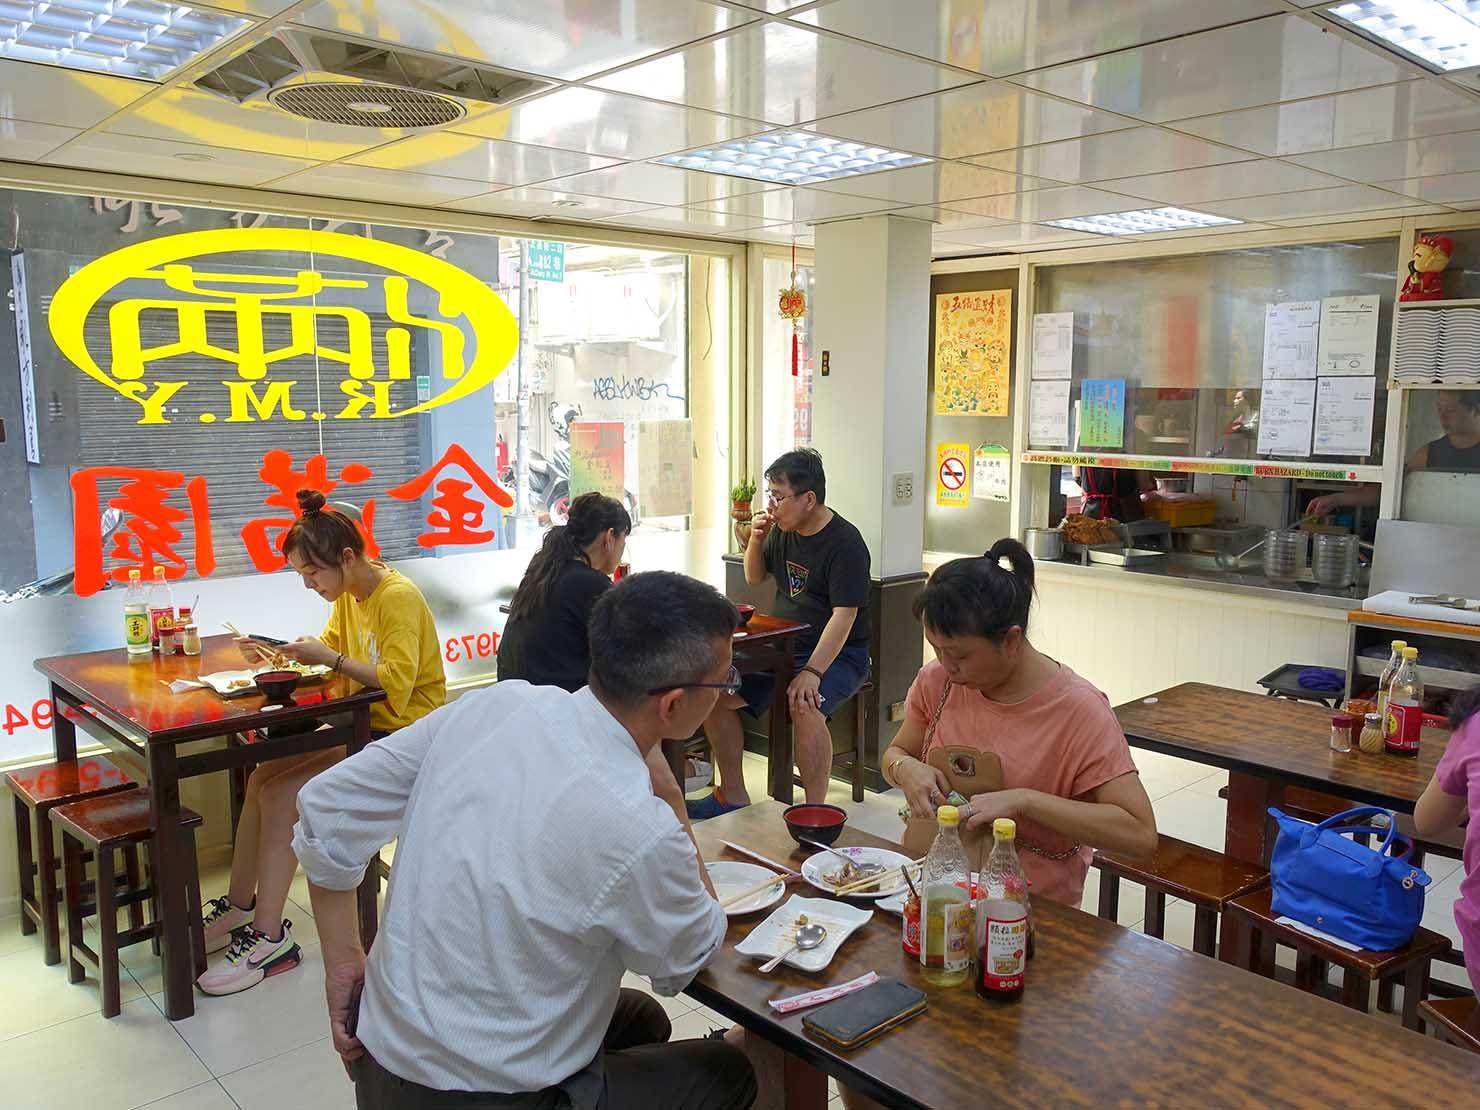 台北・西門町のおすすめグルメ店「金滿園排骨」の店内